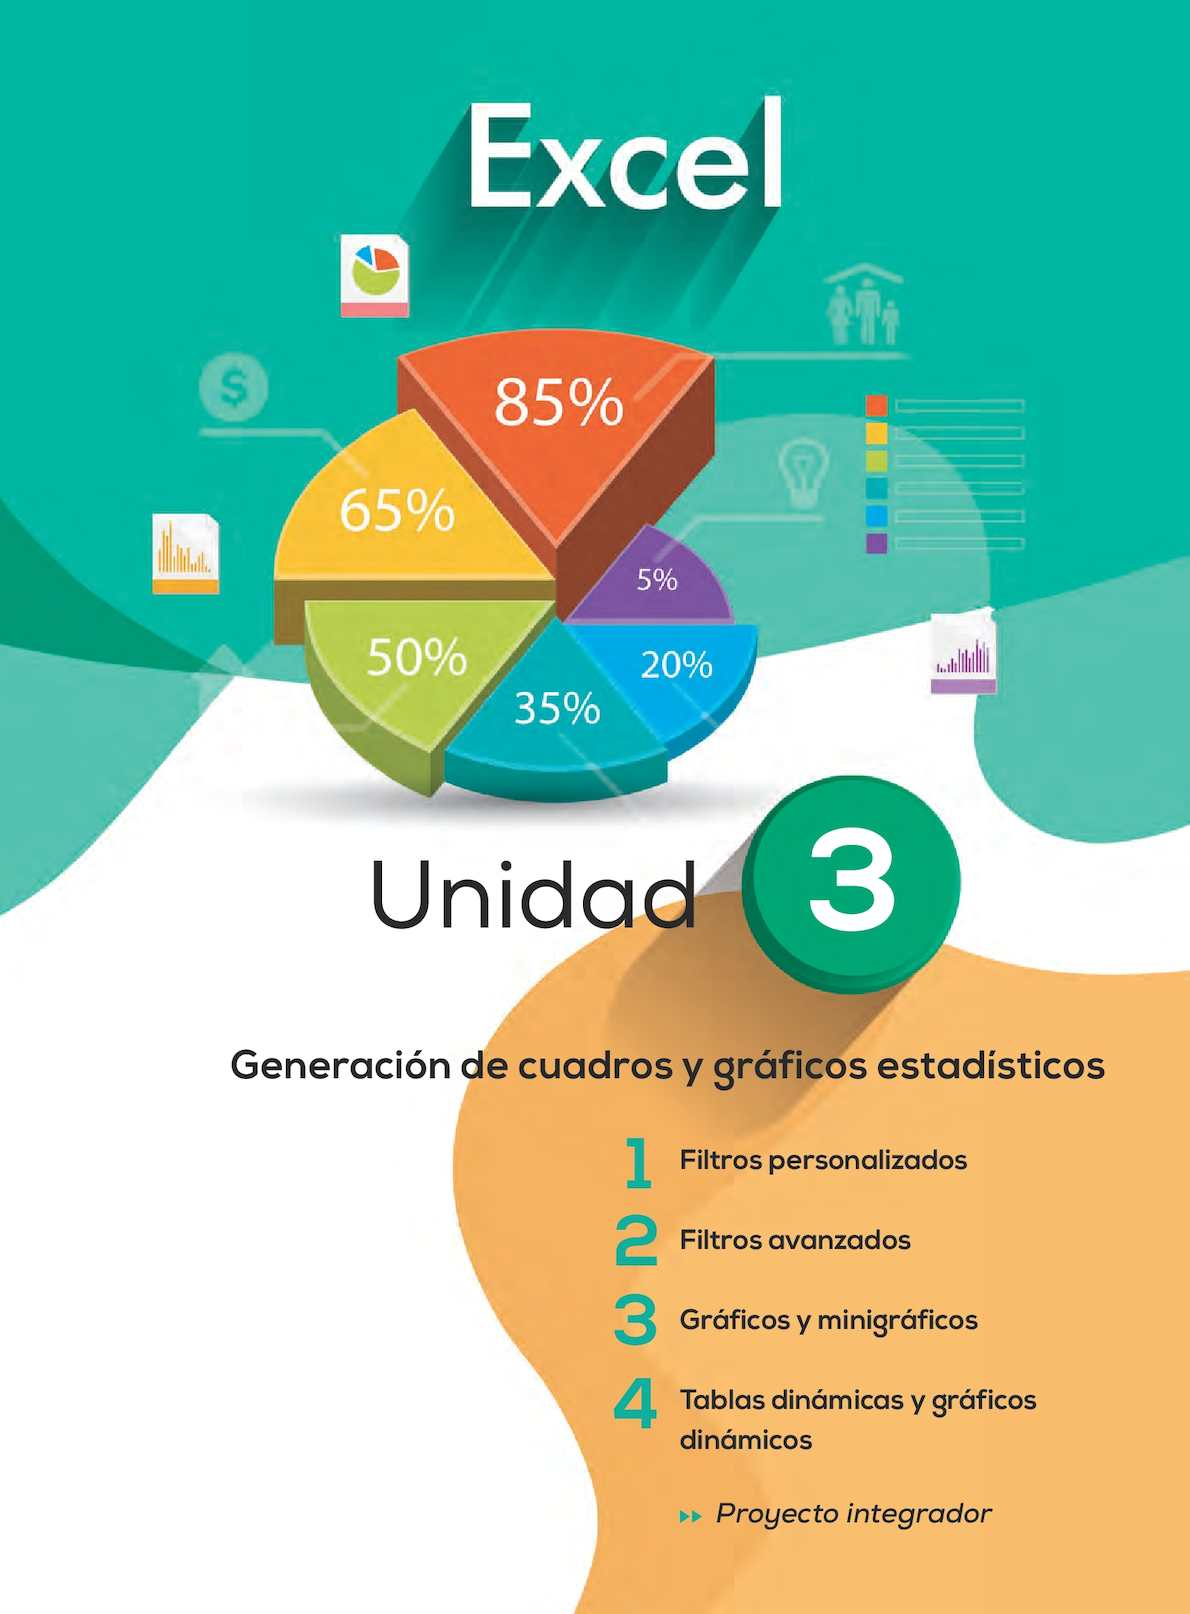 EDI04 EXCEL UNIDAD3 CDT